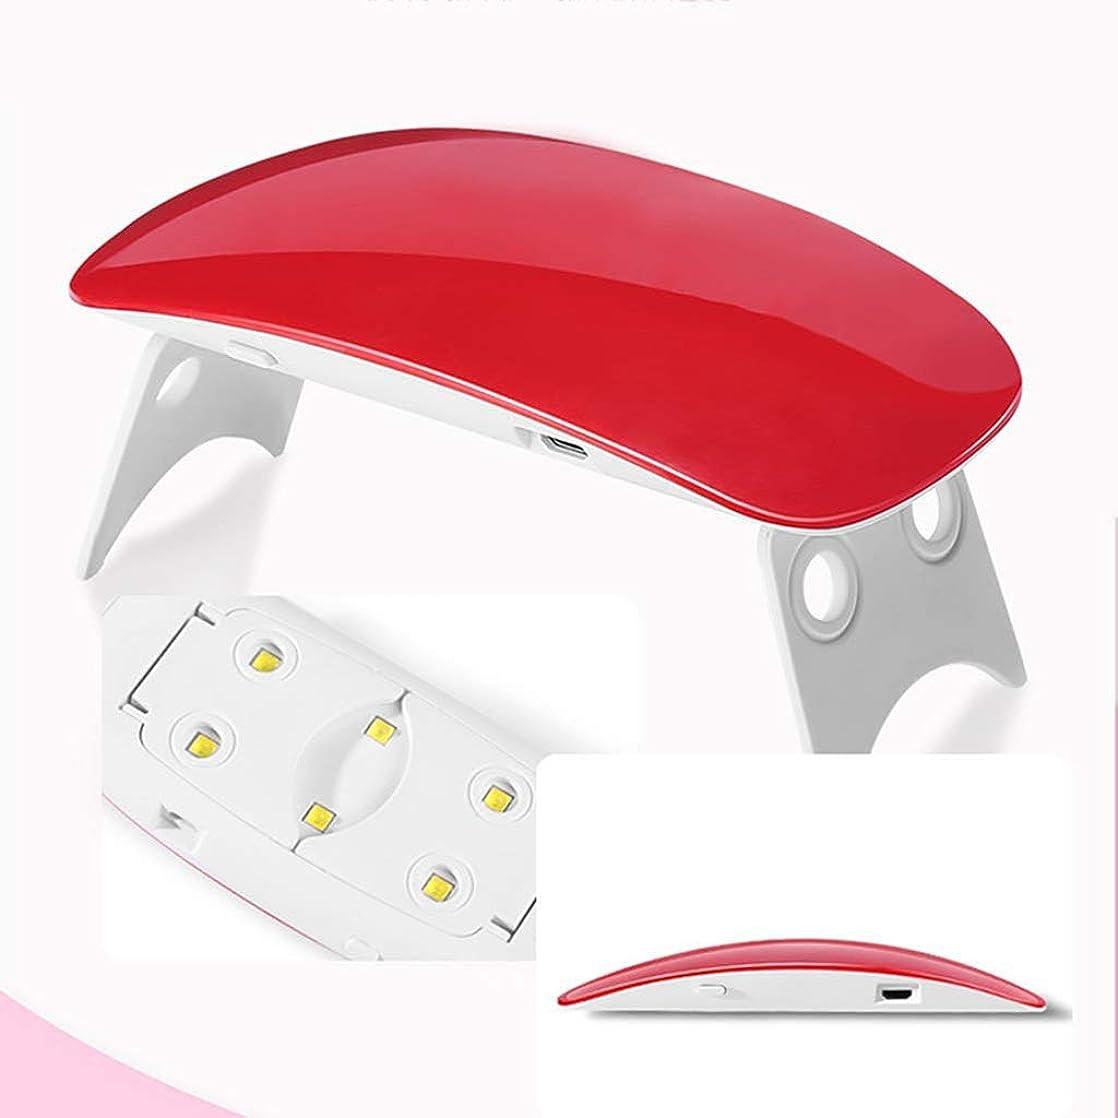 個人的な鋼分配しますYalztc-zyq16 ネイルライトミニネイル光線療法機usbインターフェース太陽の光ledソフトは手を傷つけません速い乾いた焼くランプ治療ランプ超薄型家の旅行携帯用 (色 : 赤)